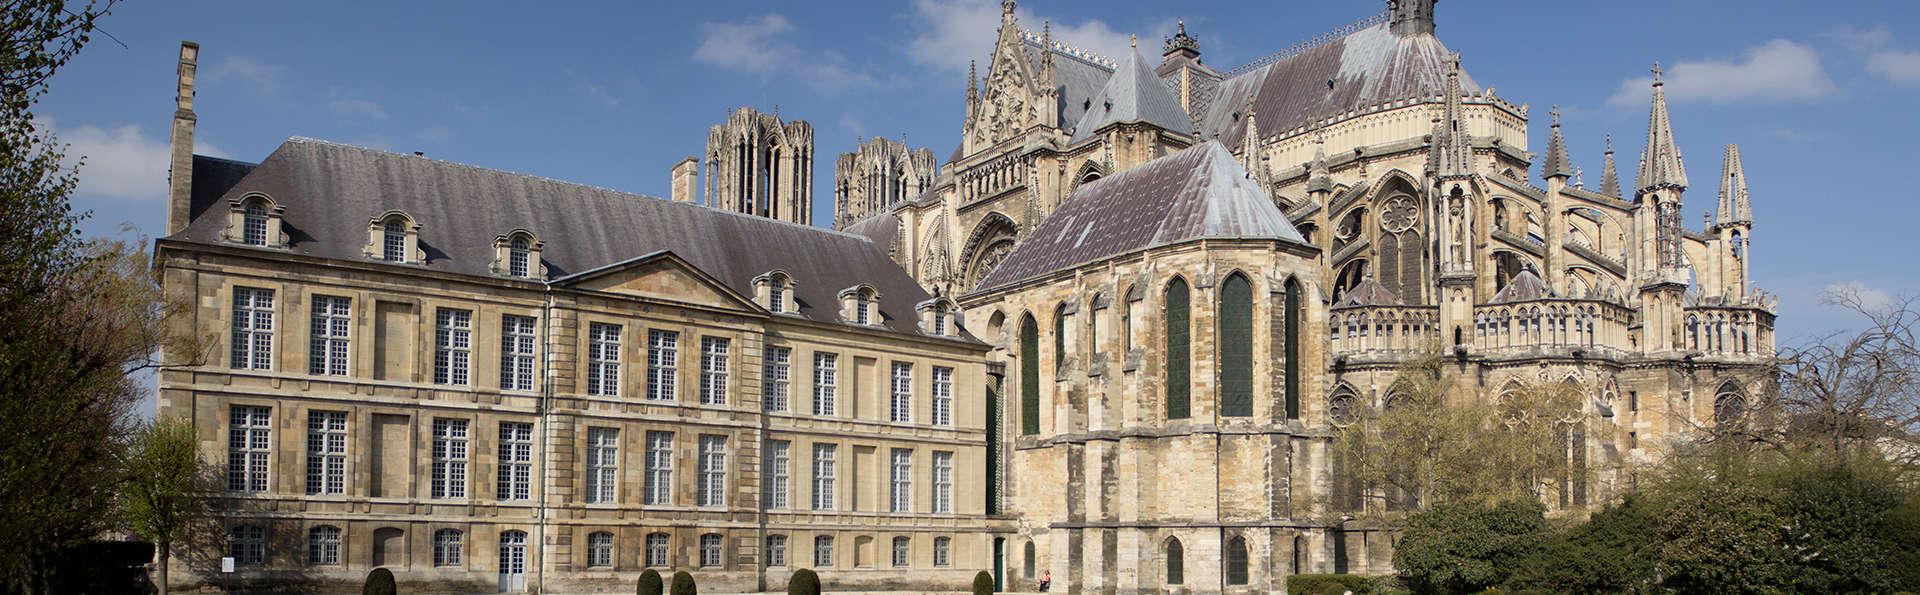 Week-end détente à Reims avec entrée au Palais du Tau